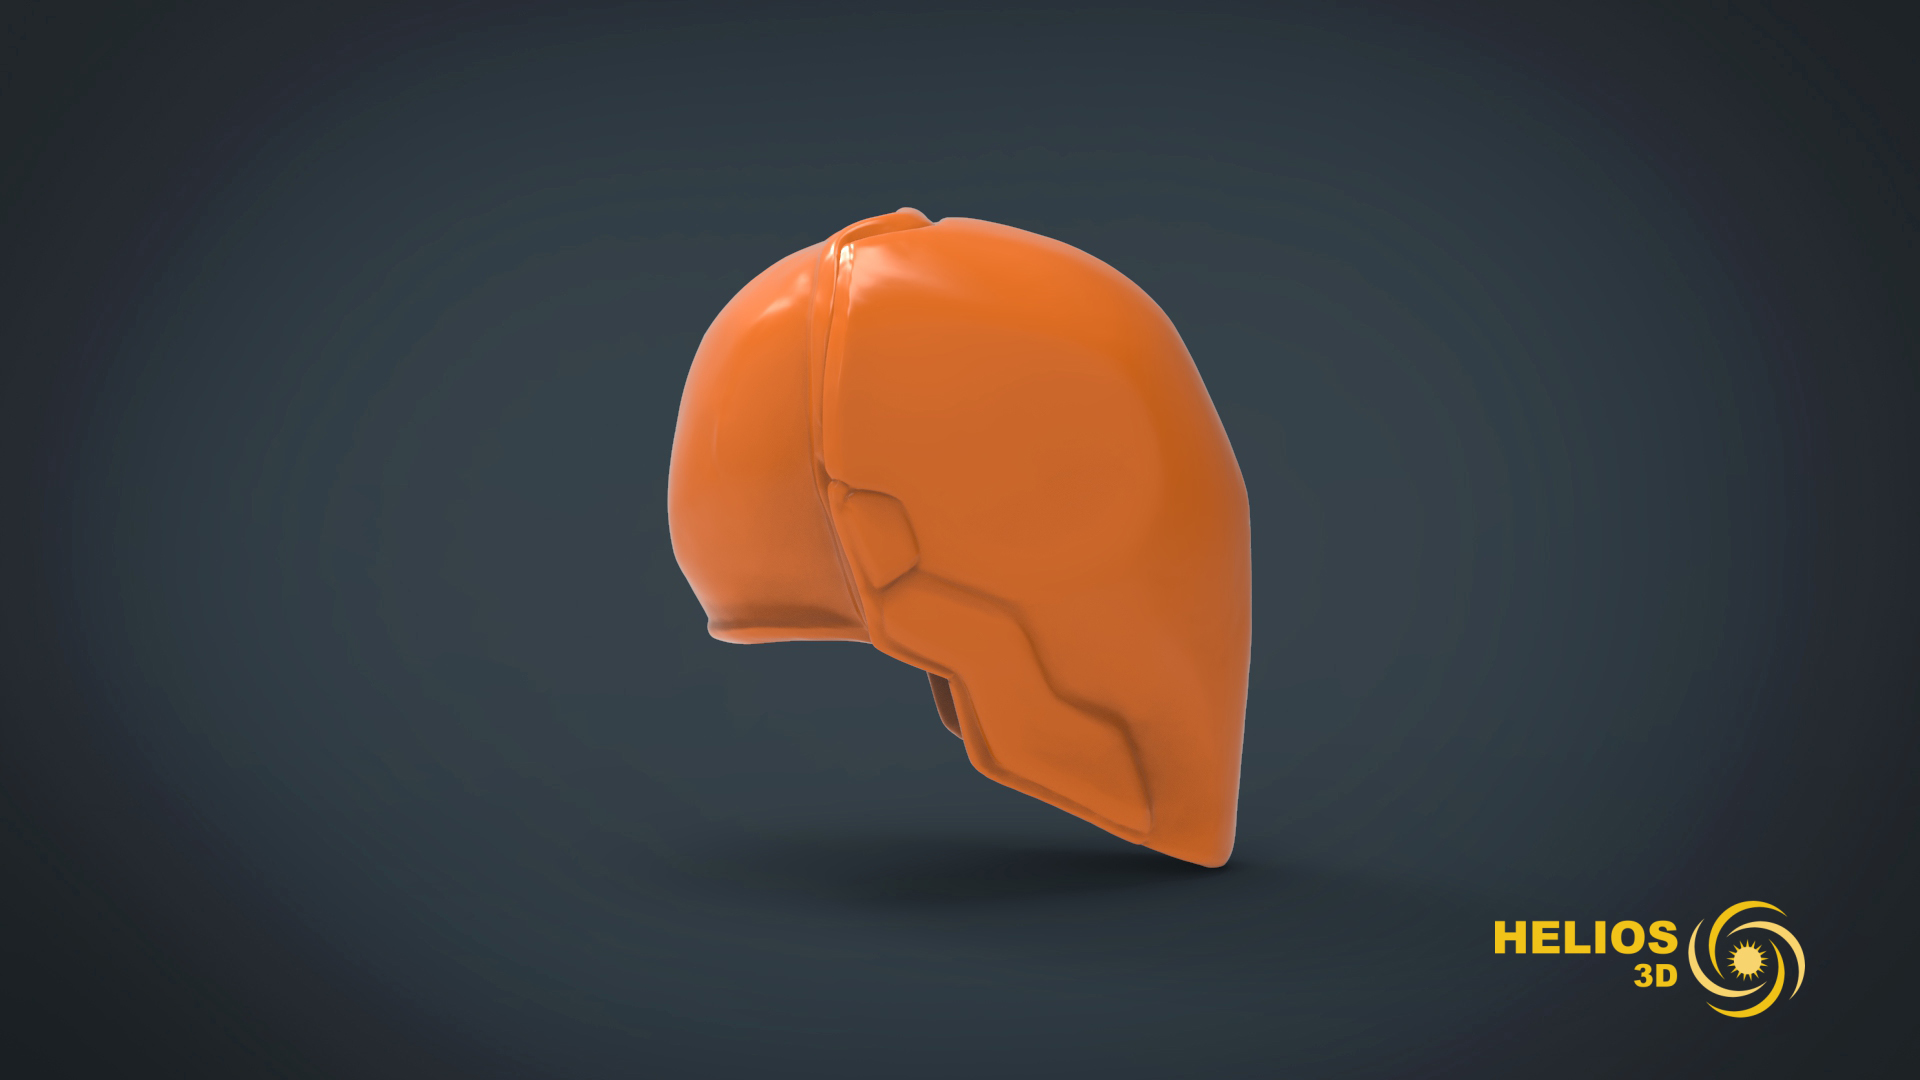 untitled.291.jpg Télécharger fichier STL gratuit Casque Deathstroke - portable grandeur nature • Objet pour imprimante 3D, Helios3D